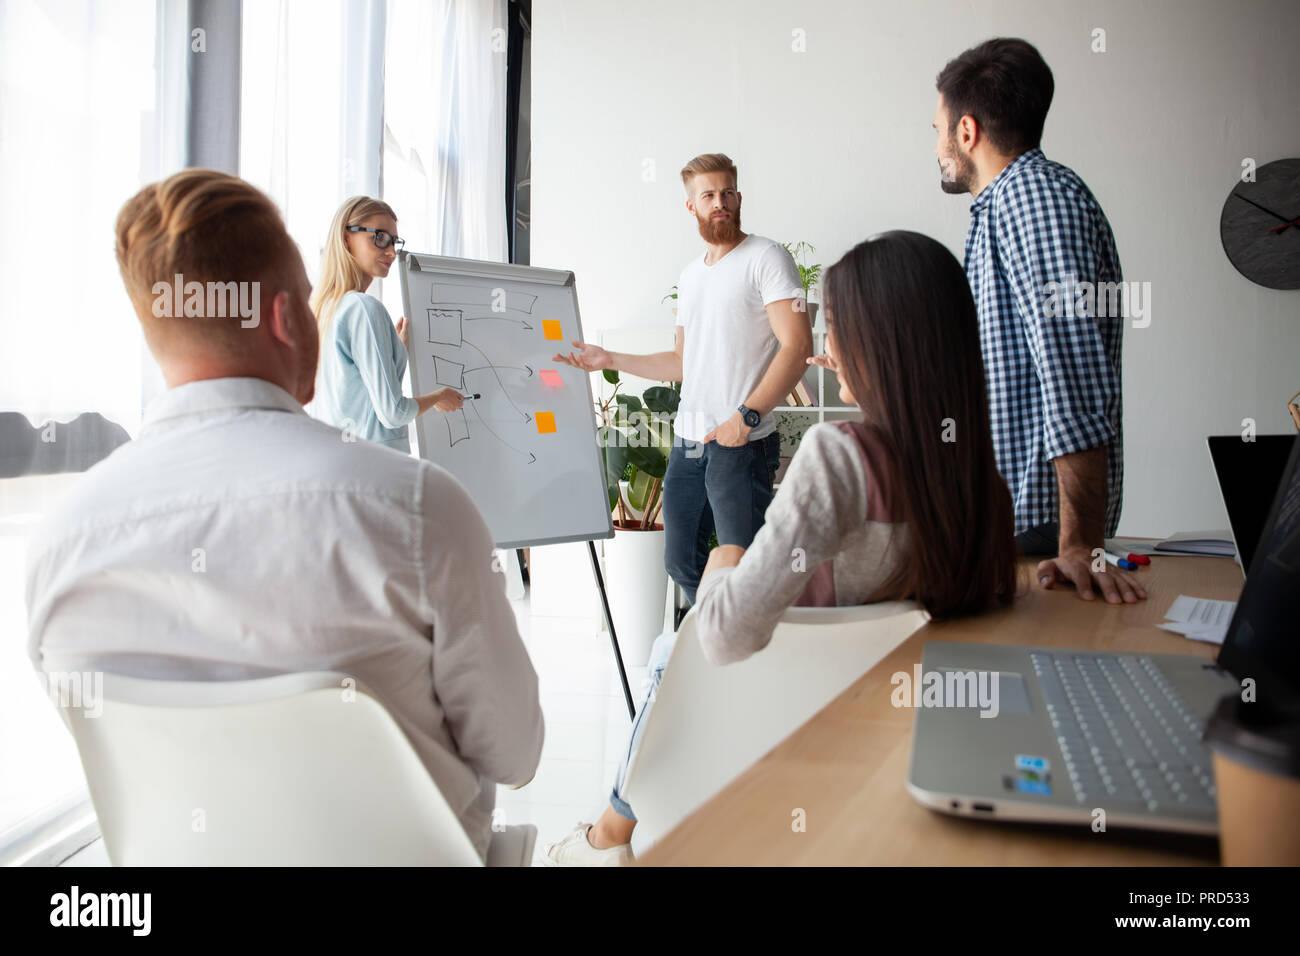 Die Entwicklung von neuen Strategie. Zwei junge Kolleginnen und Kollegen, die Präsentation während der Arbeit mit Ihren Business Team im Büro. Stockbild